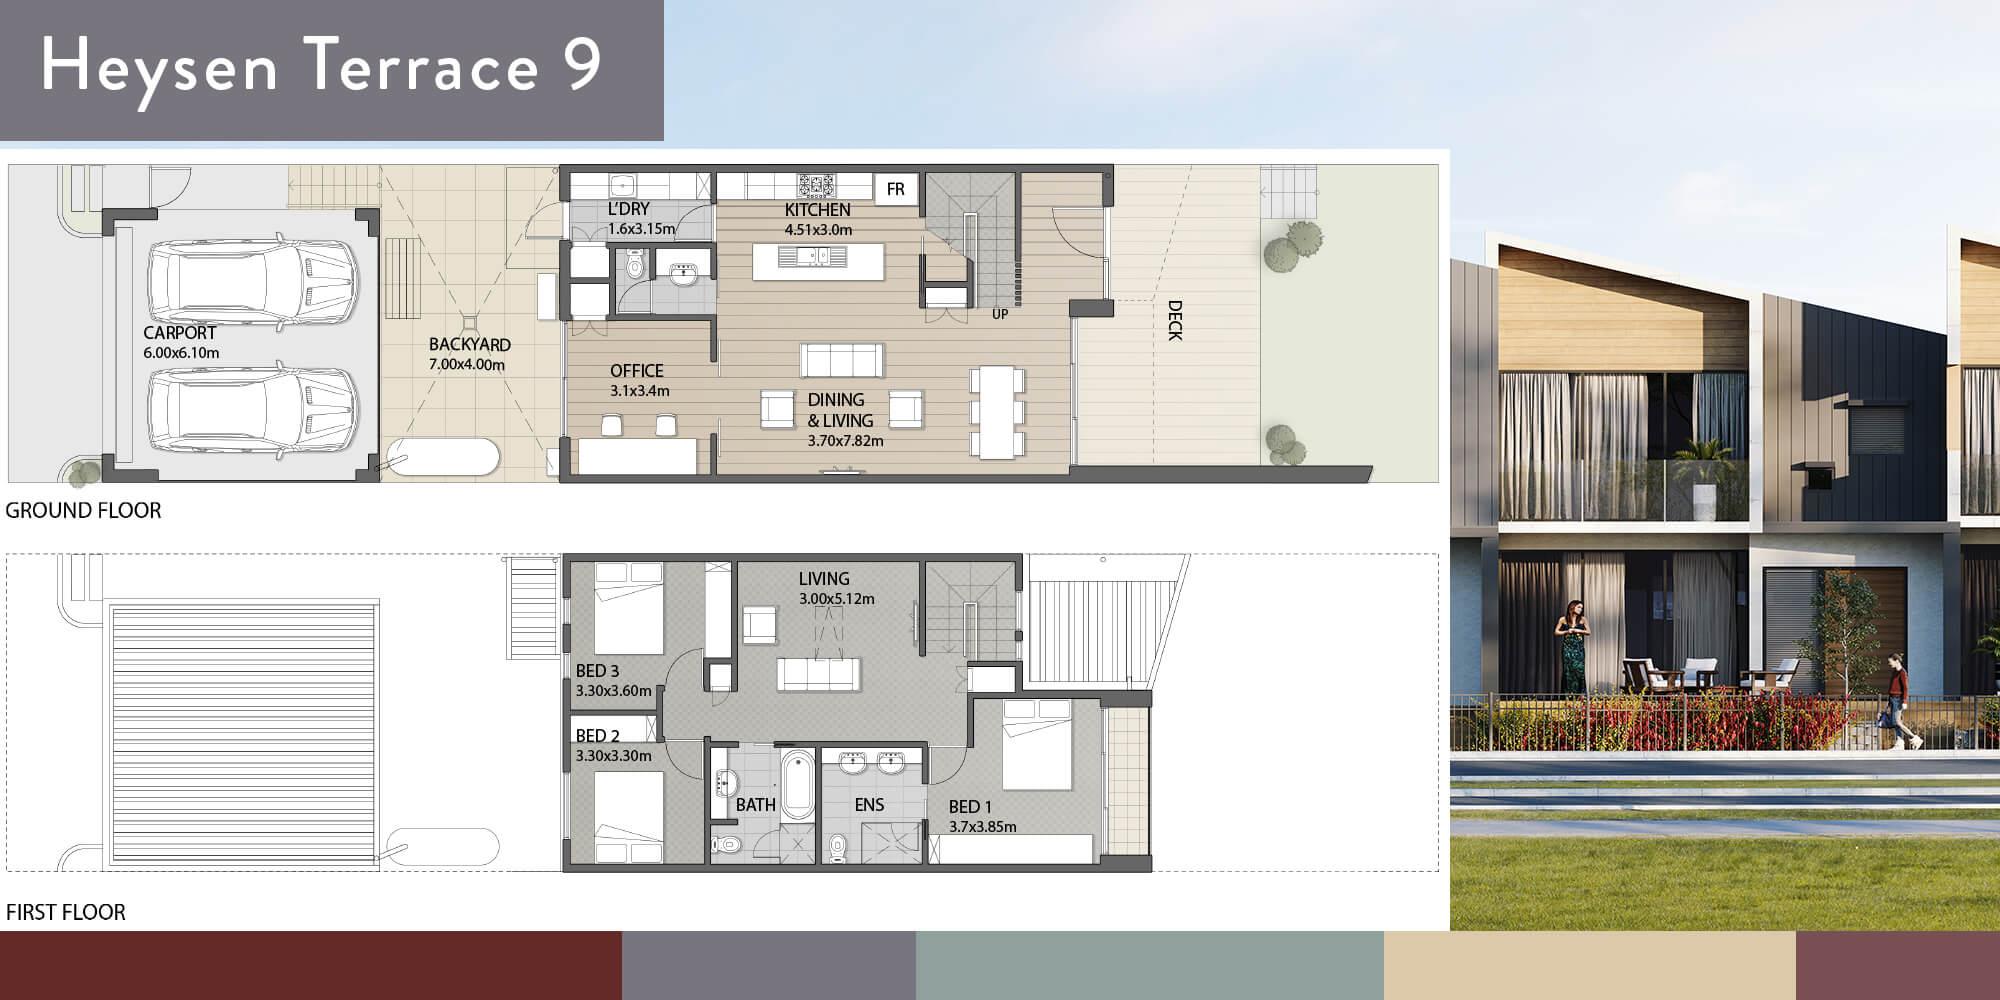 Heysen 9 Floorplan